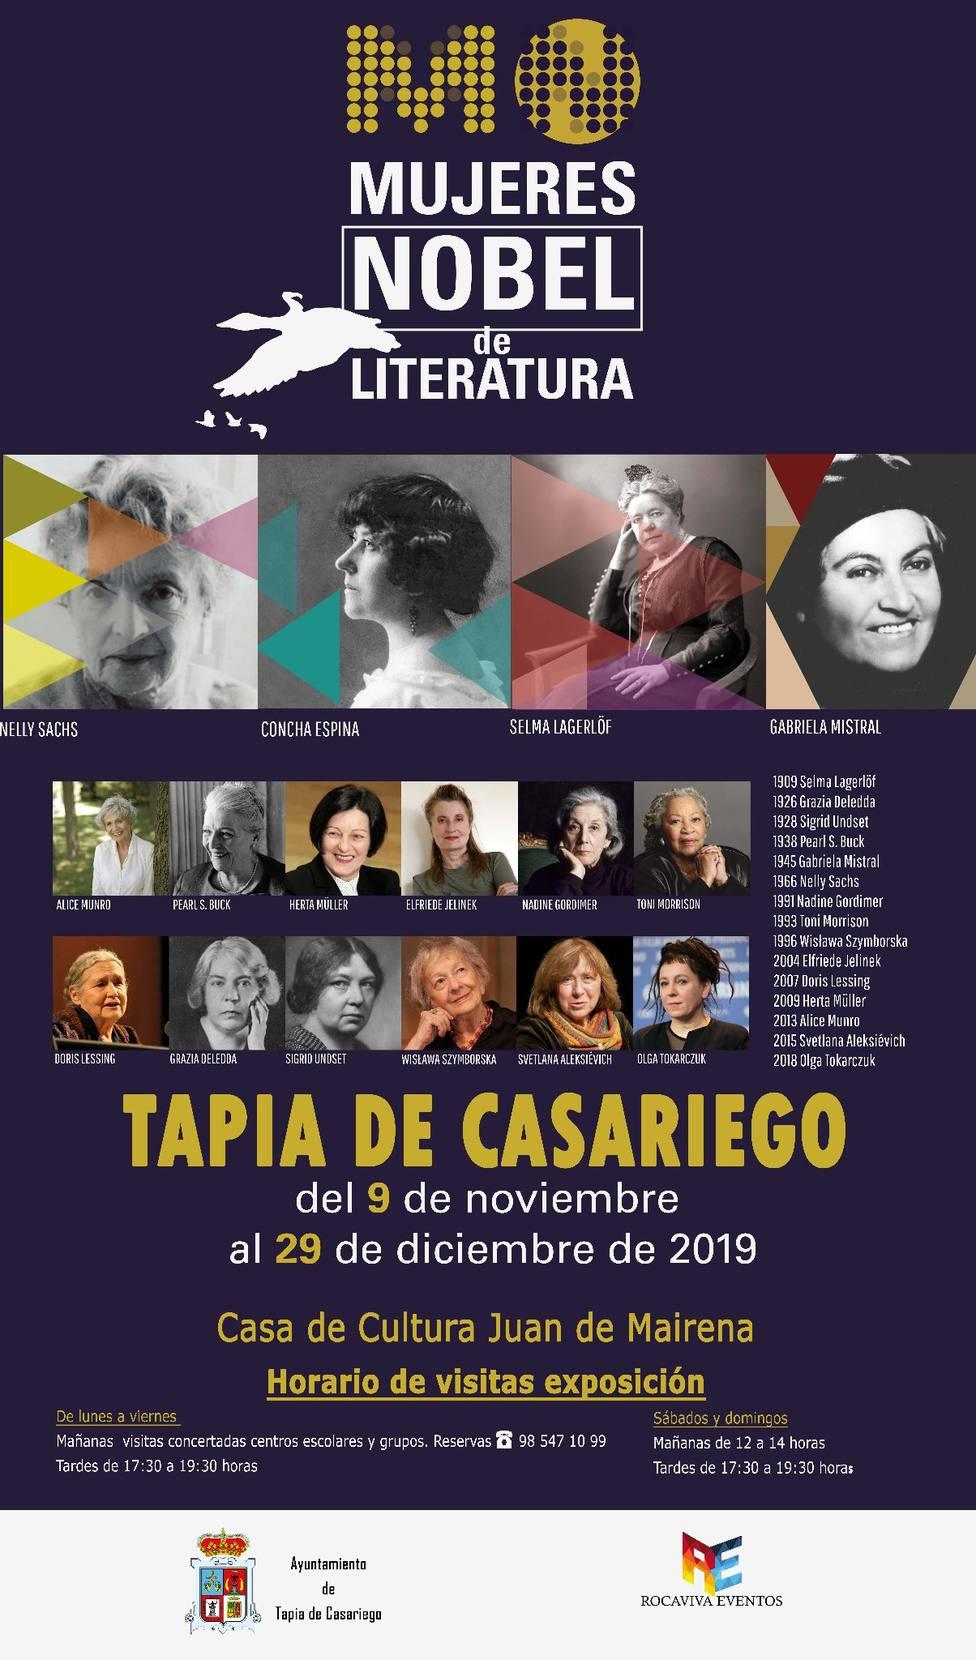 Cartel de la Exposición Mujeres Nobel